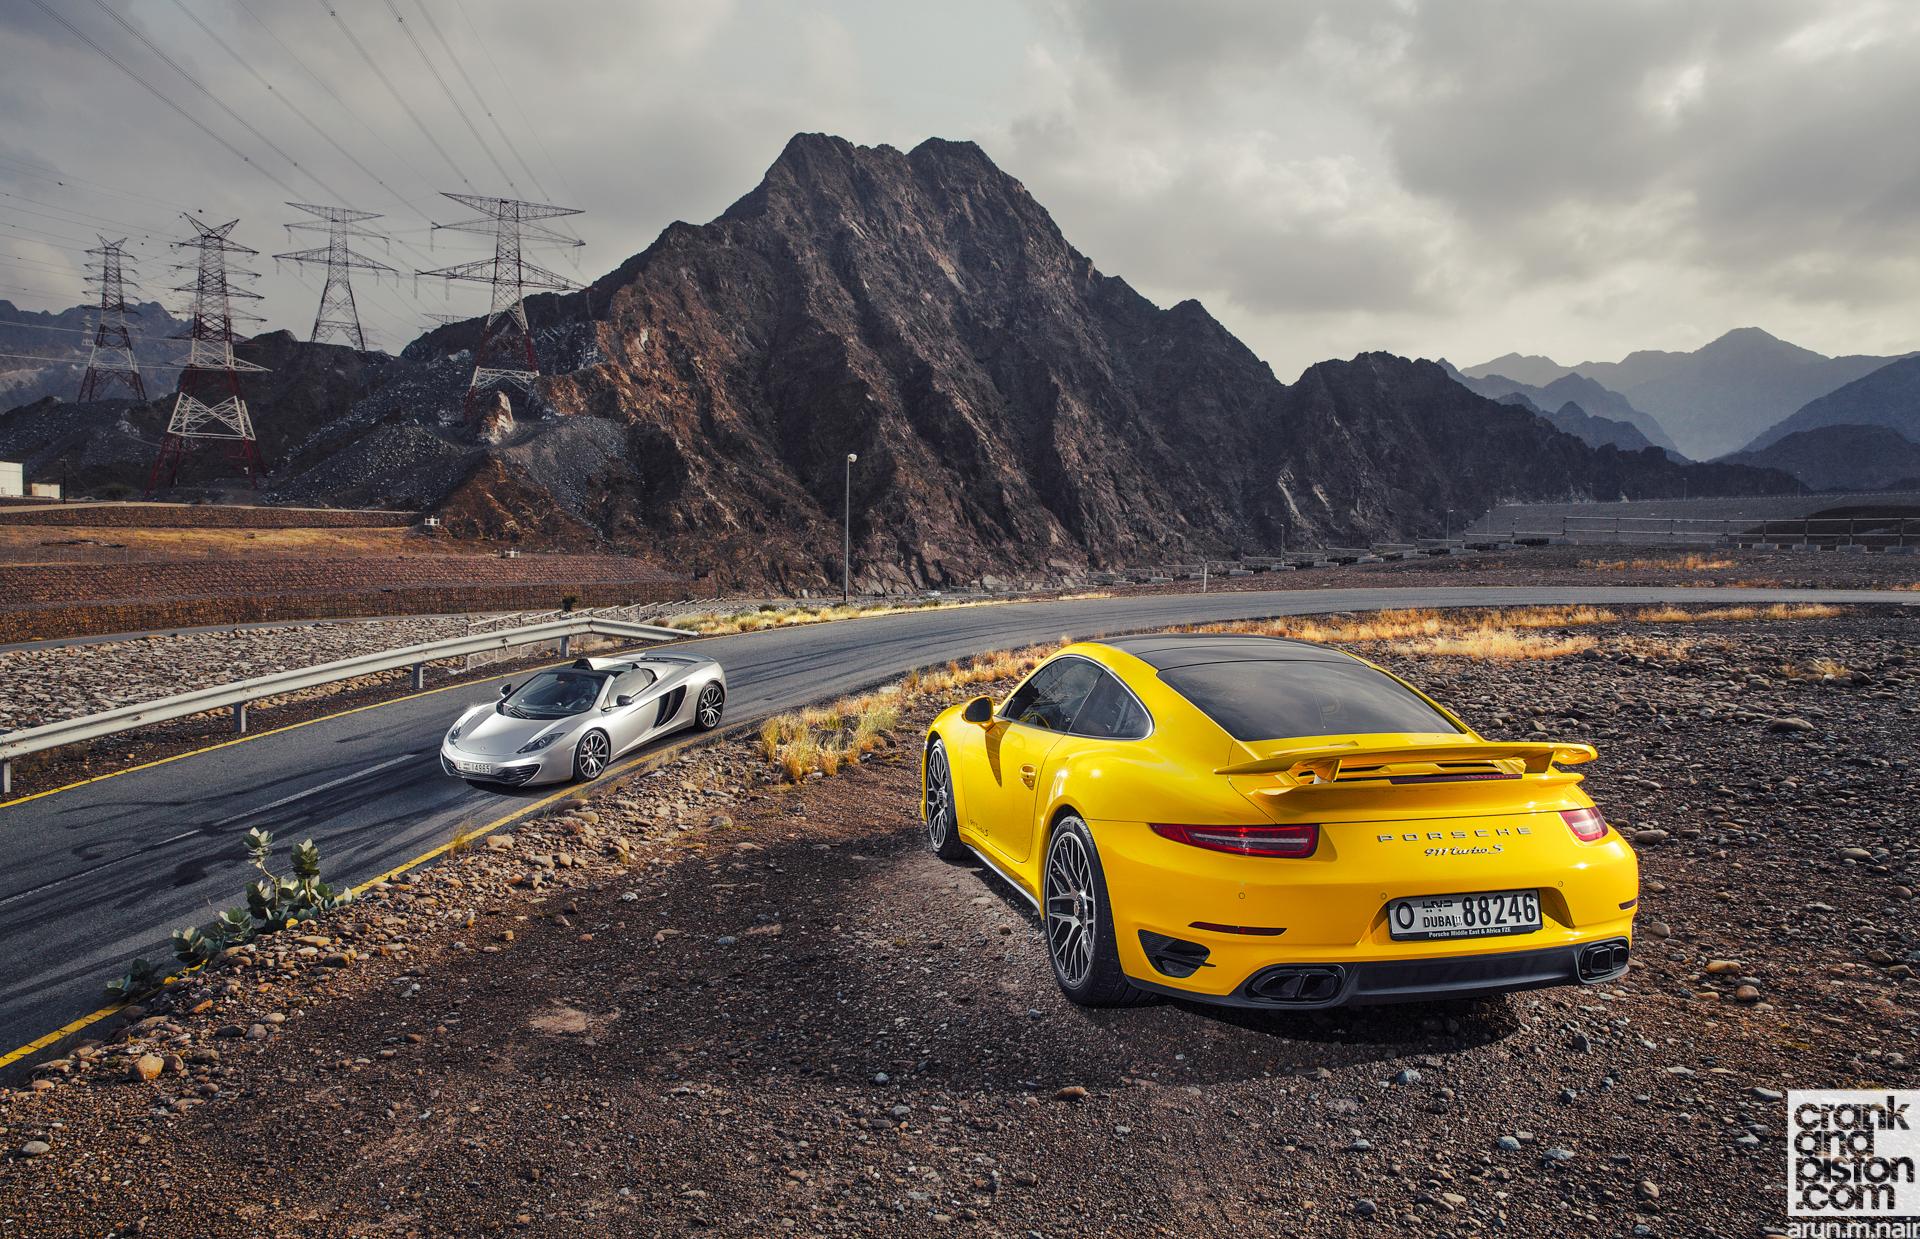 Porsche-911-Turbo-S-McLaren-12C-Spider-Wallpaper-07